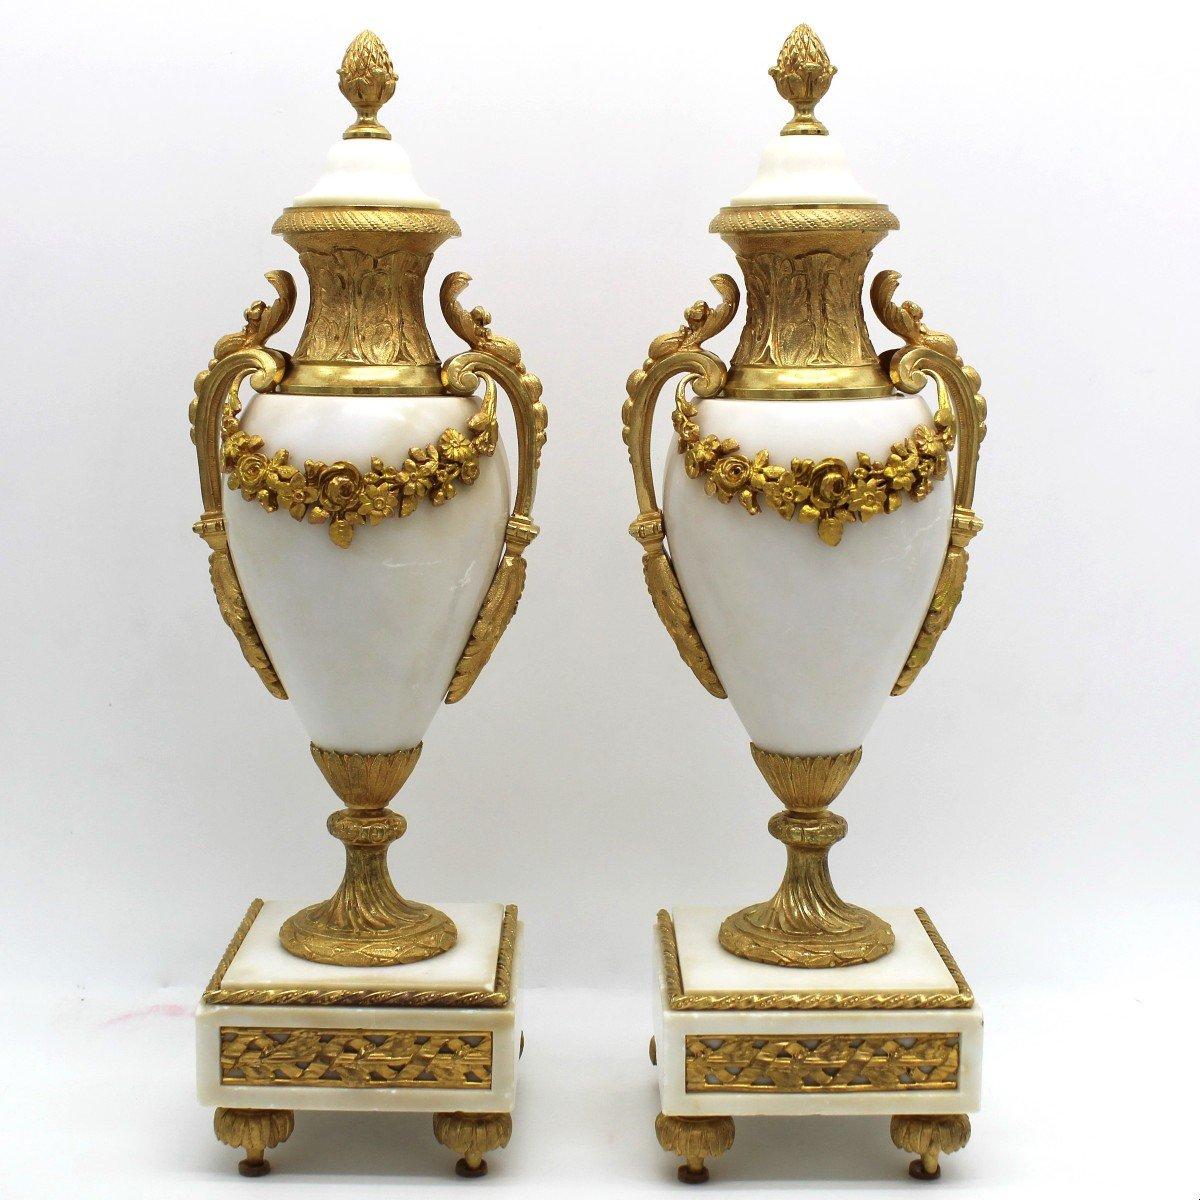 Antique Pair Of Napoleon III Cassolette Vases In Gilt Bronze - 19th